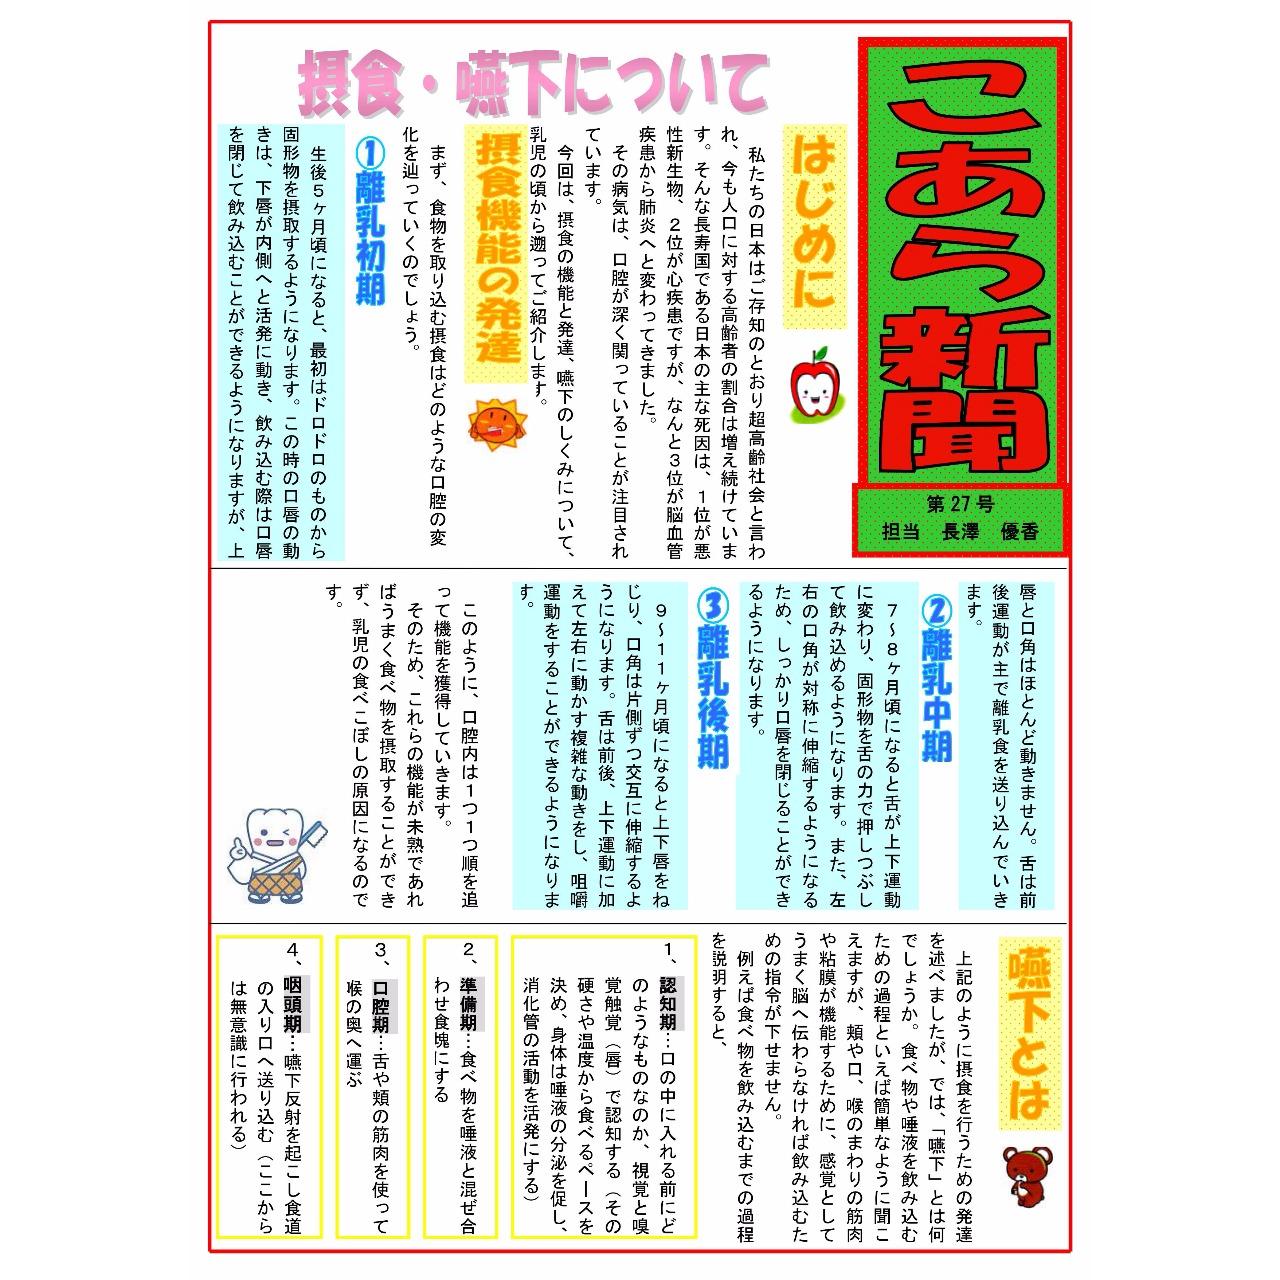 こあら新聞 第27号 担当 長澤